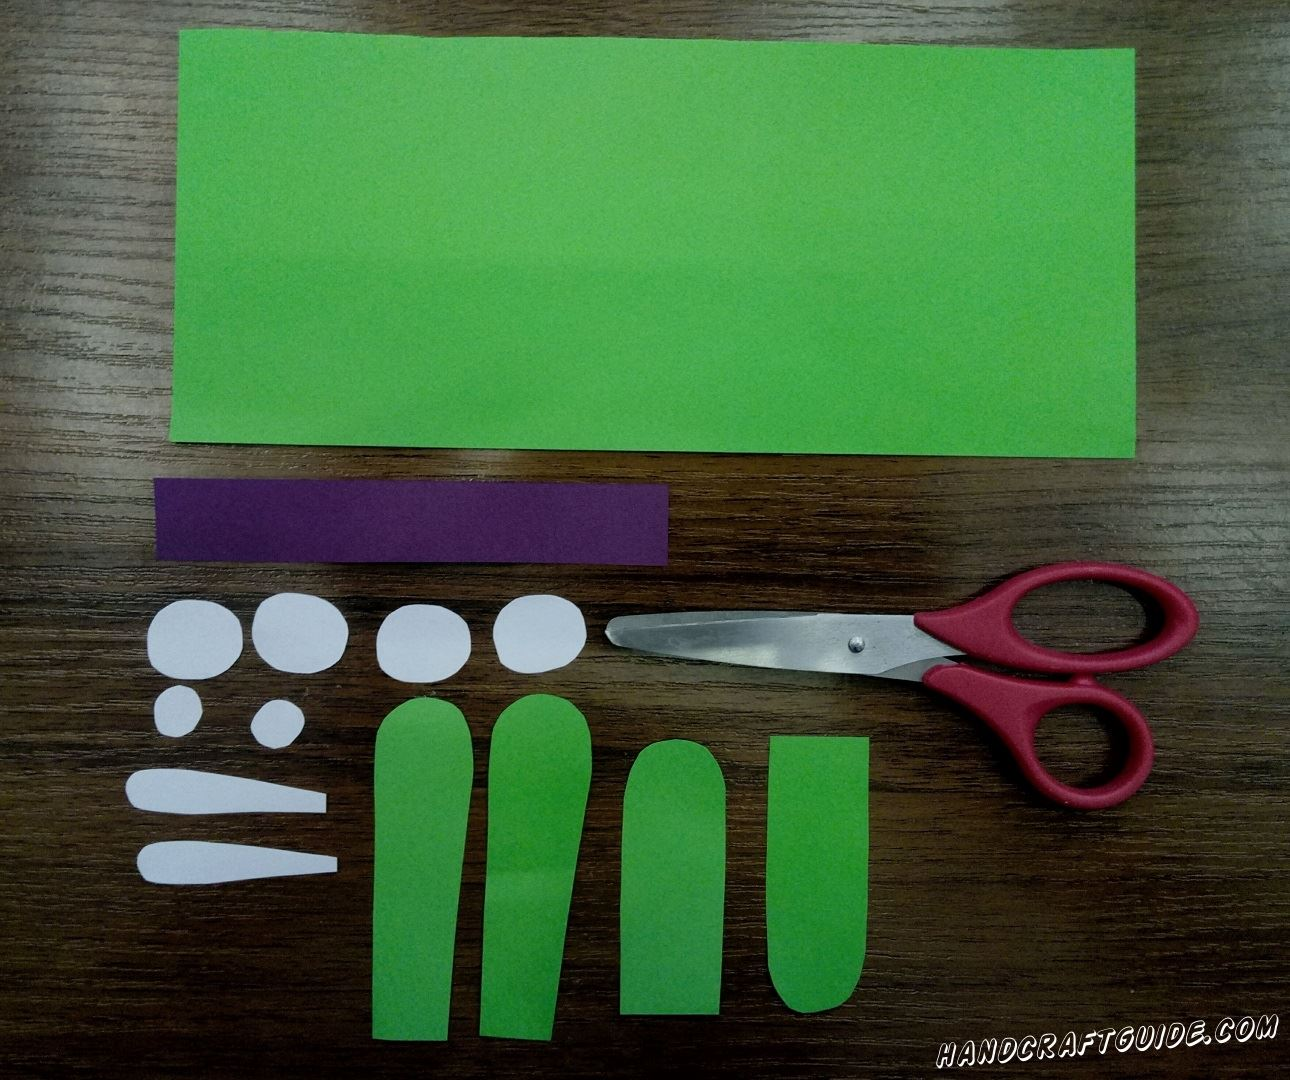 Для начала нам нужно подготовить все необходимые детали. Берем зелёную бумагу и вырезаем 1 прямоугольник, 2 ушка и 2 лапки. Затем берем белую бумагу и вырезаем 4 небольших кружочка, 2 кружка совсем маленького размера и 2 вставочки для ушек. Ещё нам понадобится небольшая полосочка фиолетового цвета